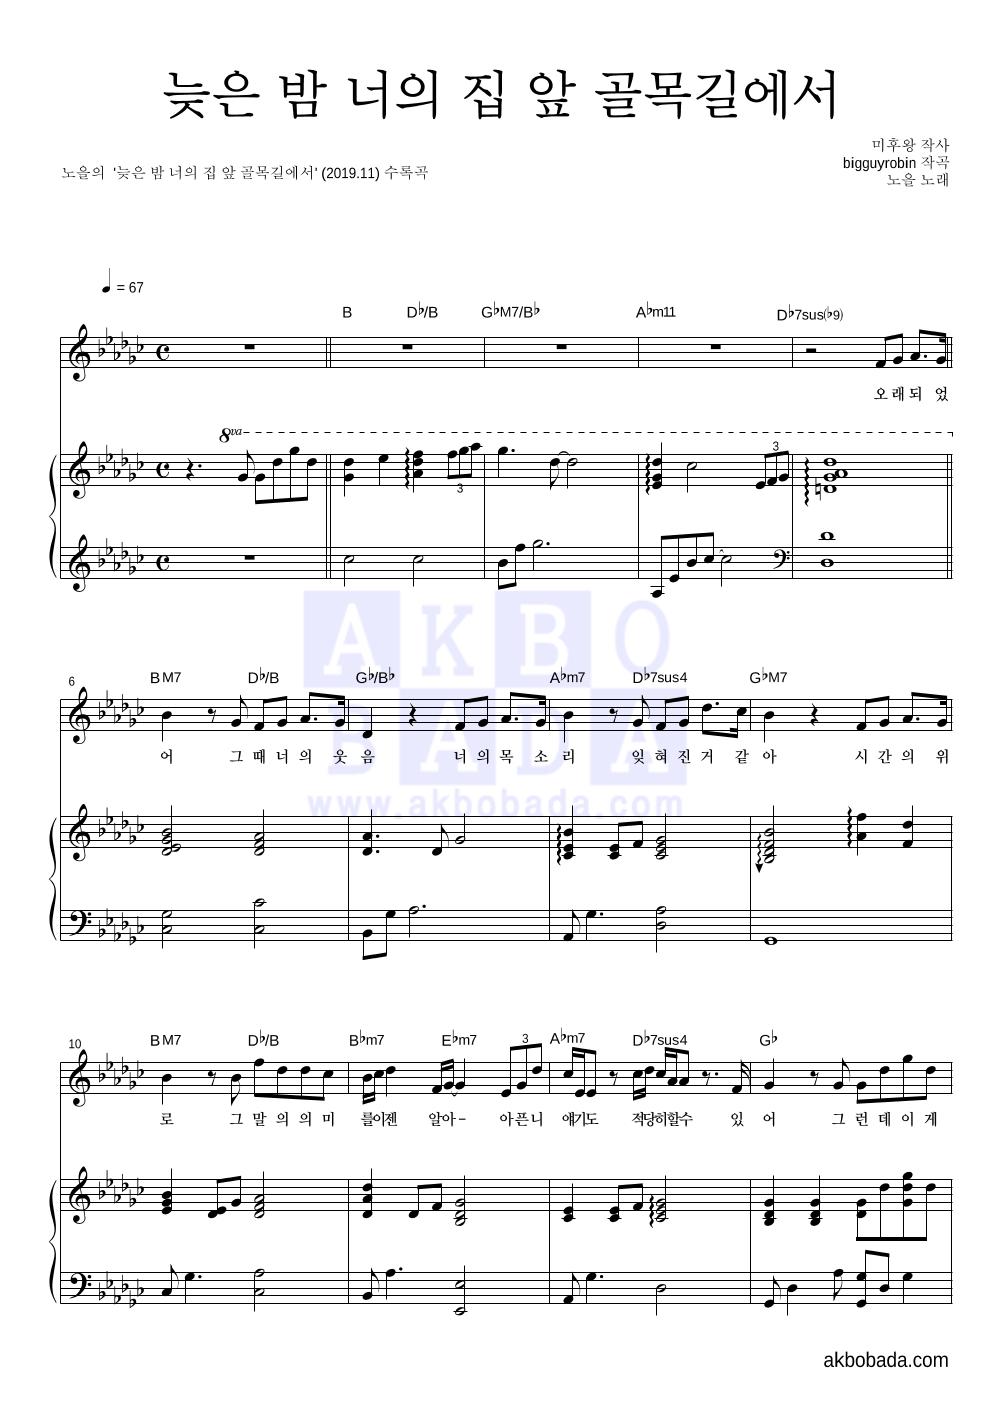 노을 - 늦은 밤 너의 집 앞 골목길에서 피아노 3단 악보